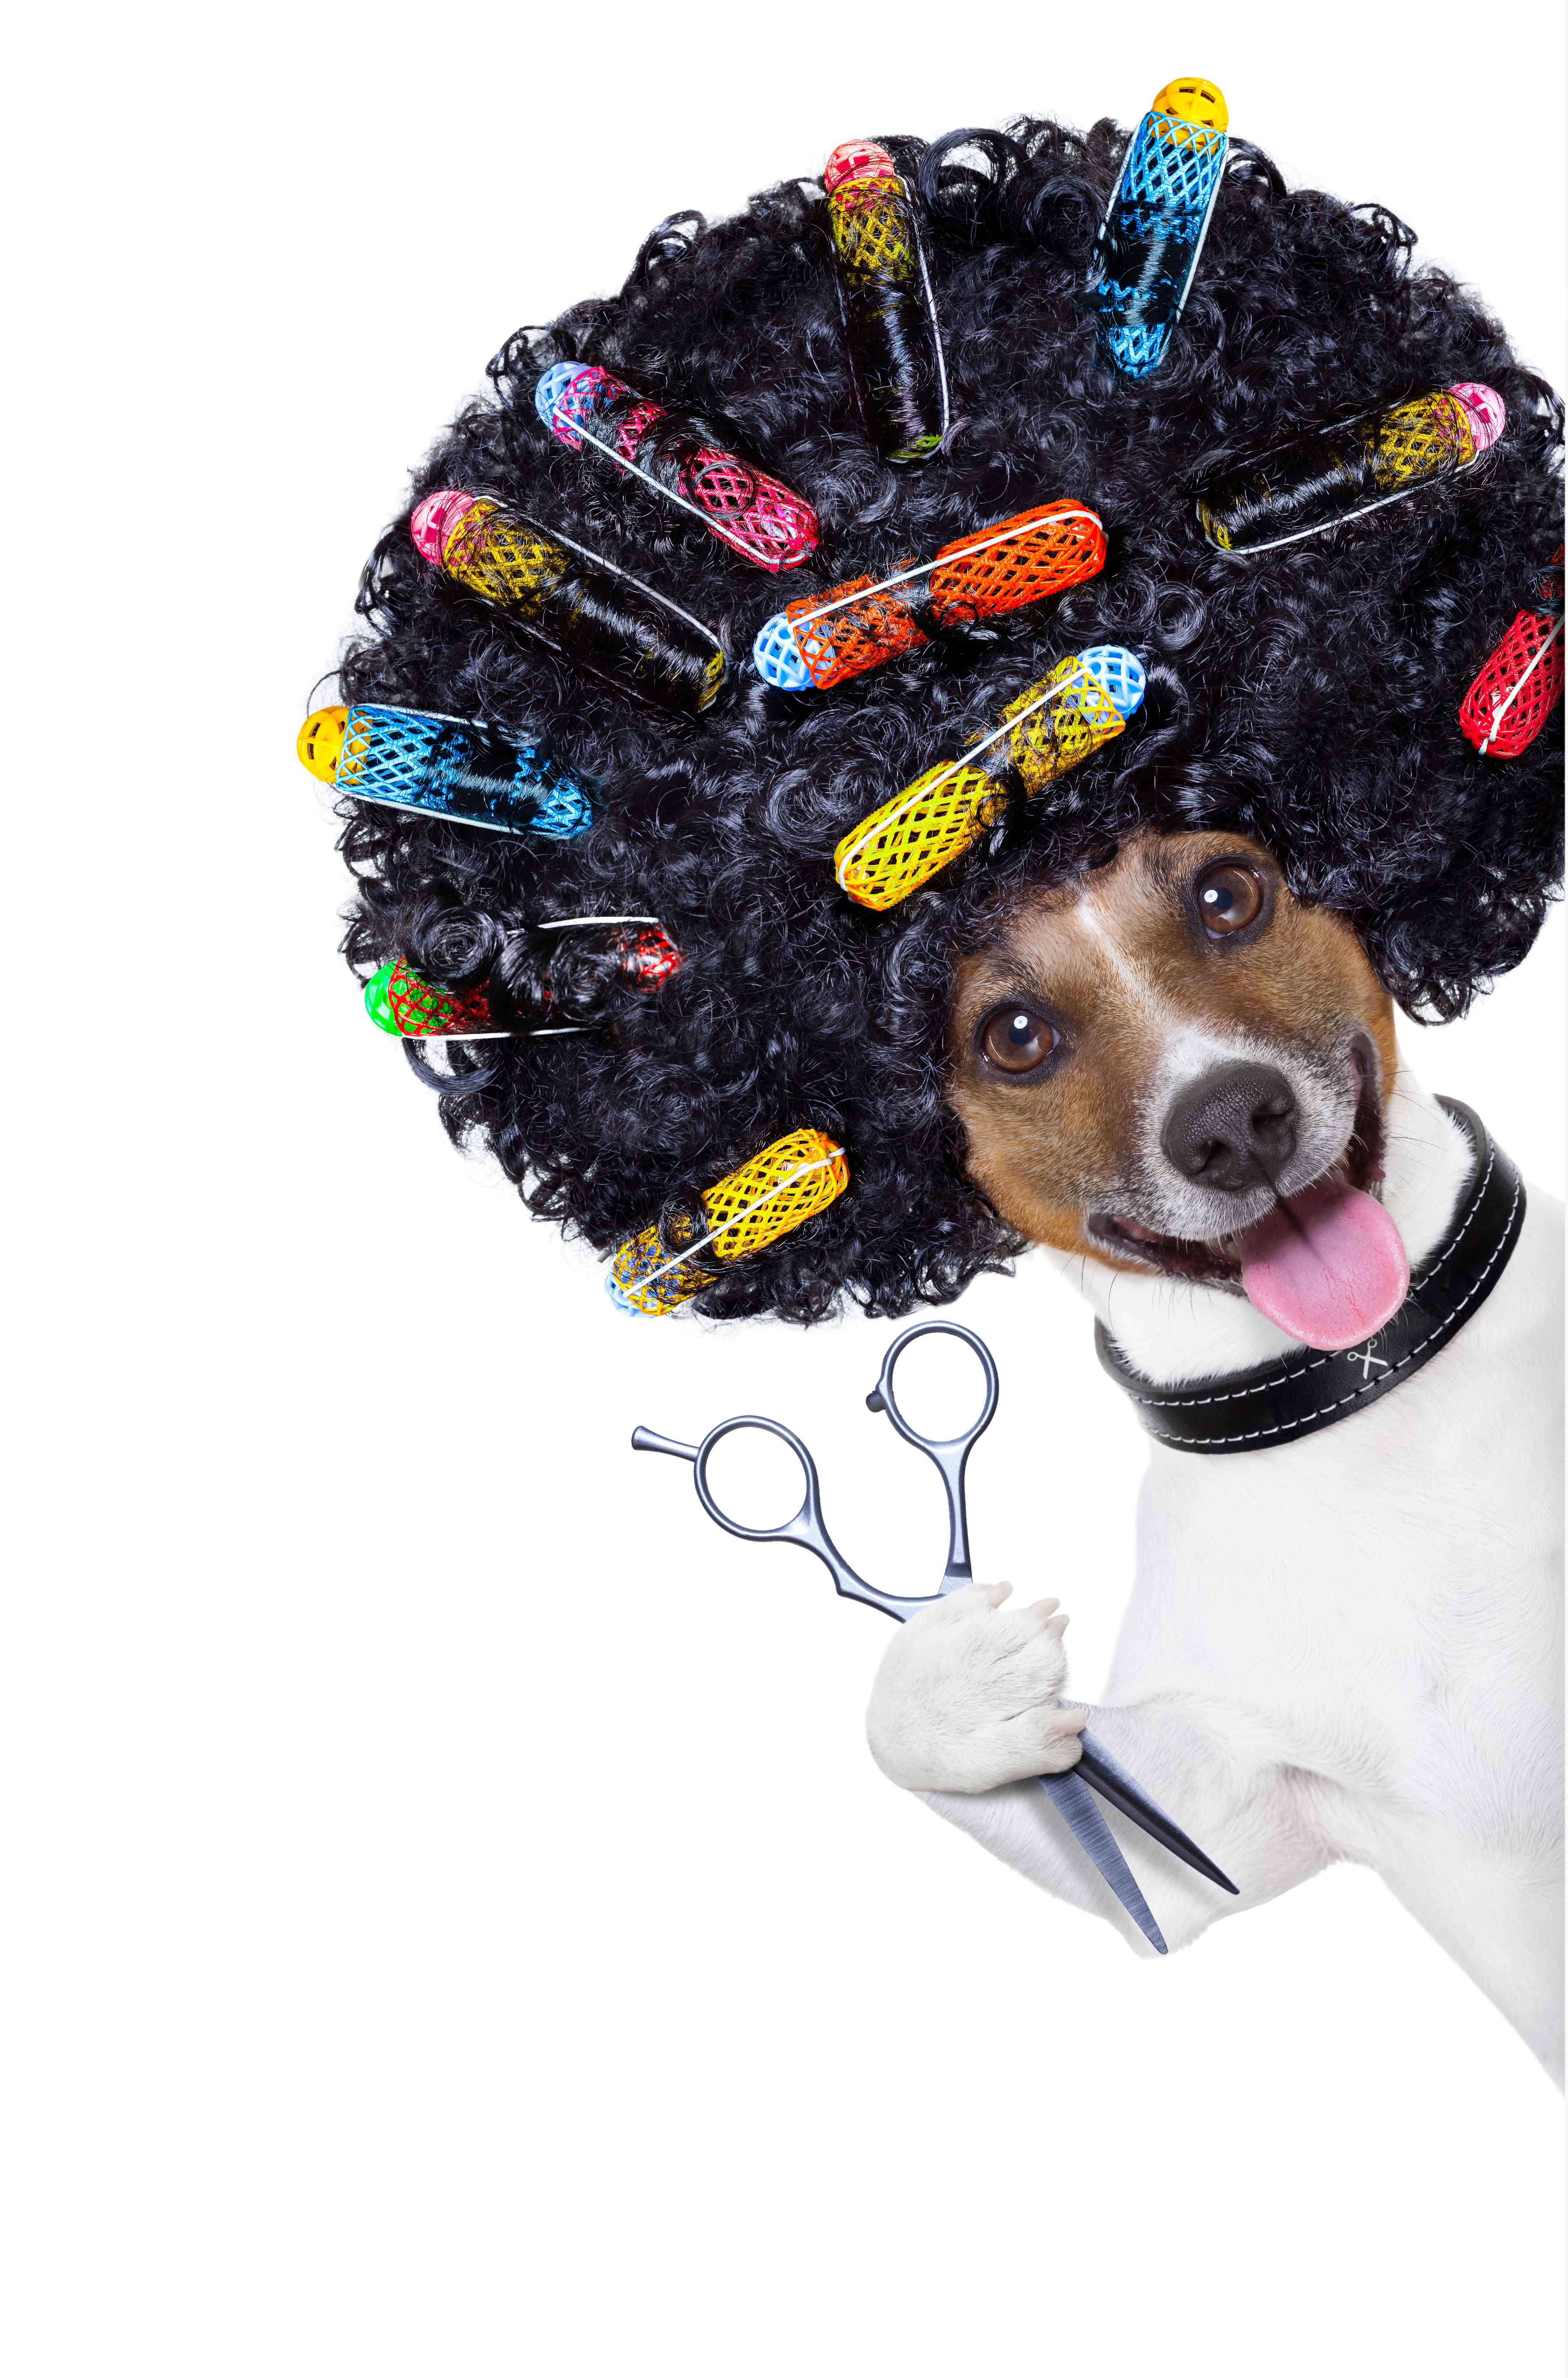 Обои для рабочего стола Животные Джек-рассел-терьер Собаки смешной языком Волосы Причёска белом фоне 3600x5458 животное собака Смешные смешная забавные волос Язык (анатомия) прически Белый фон белым фоном